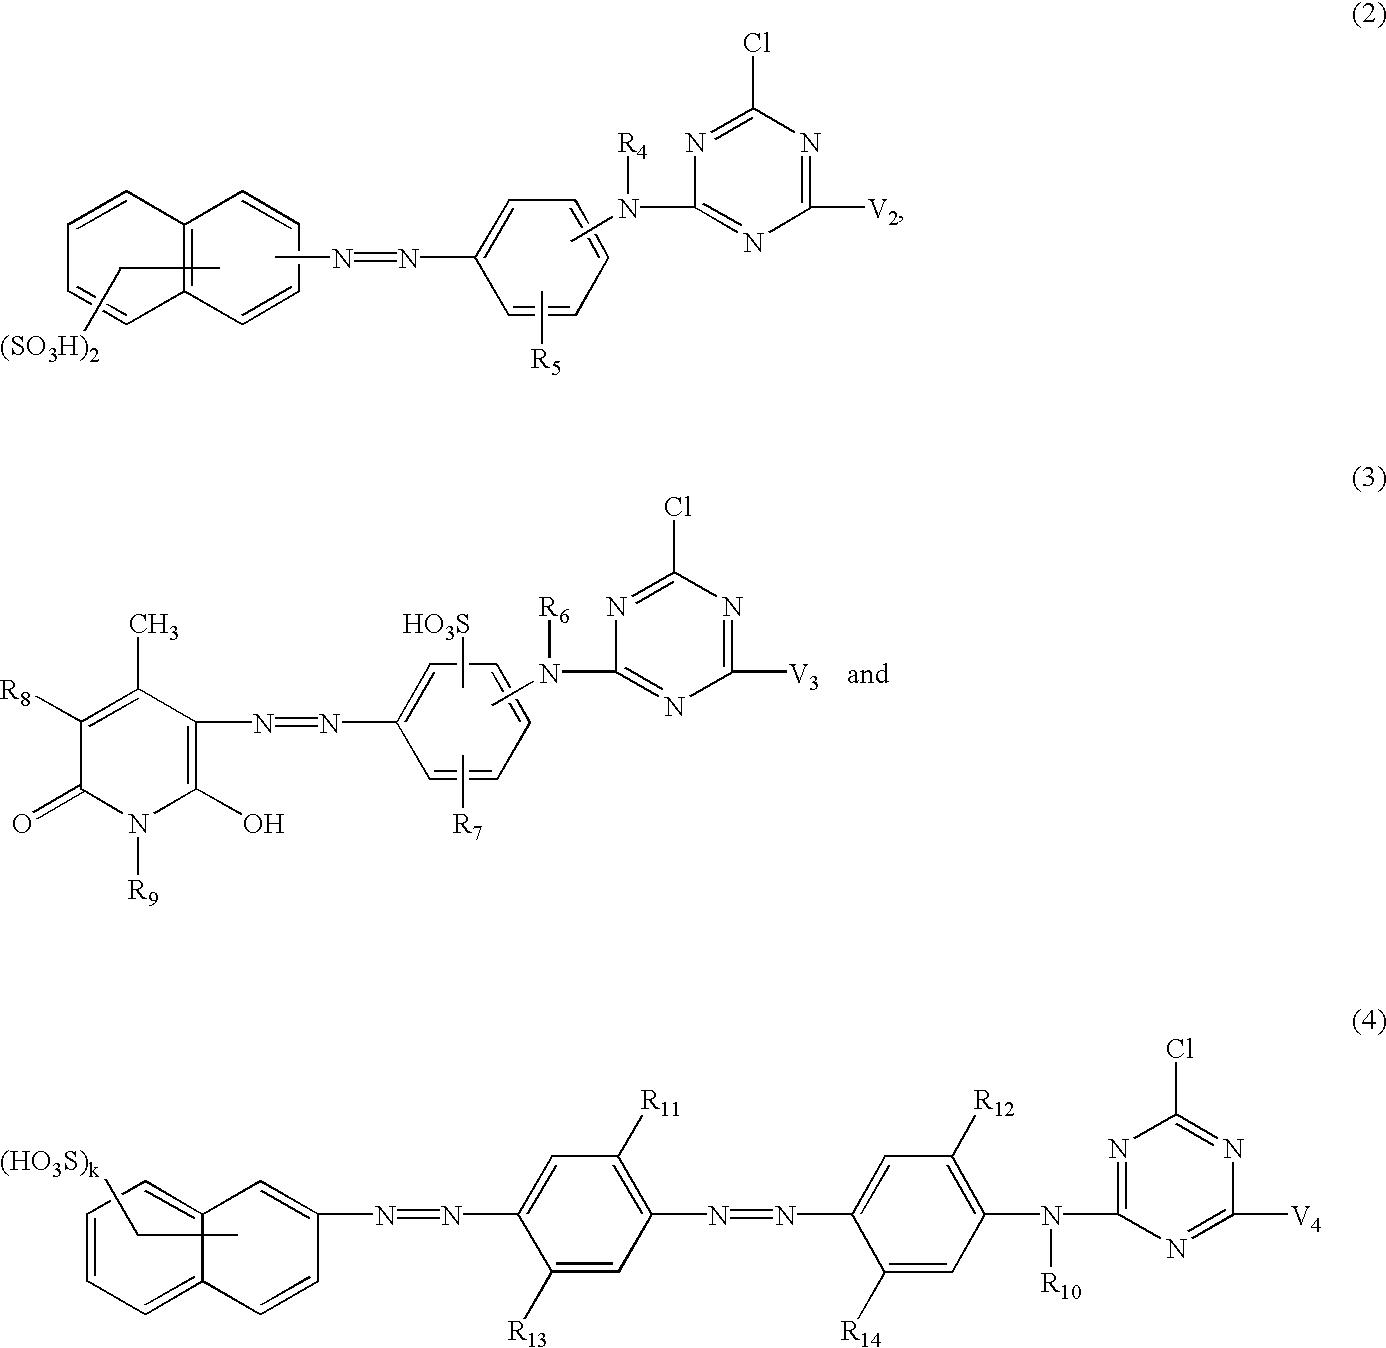 Figure US20030097721A1-20030529-C00027